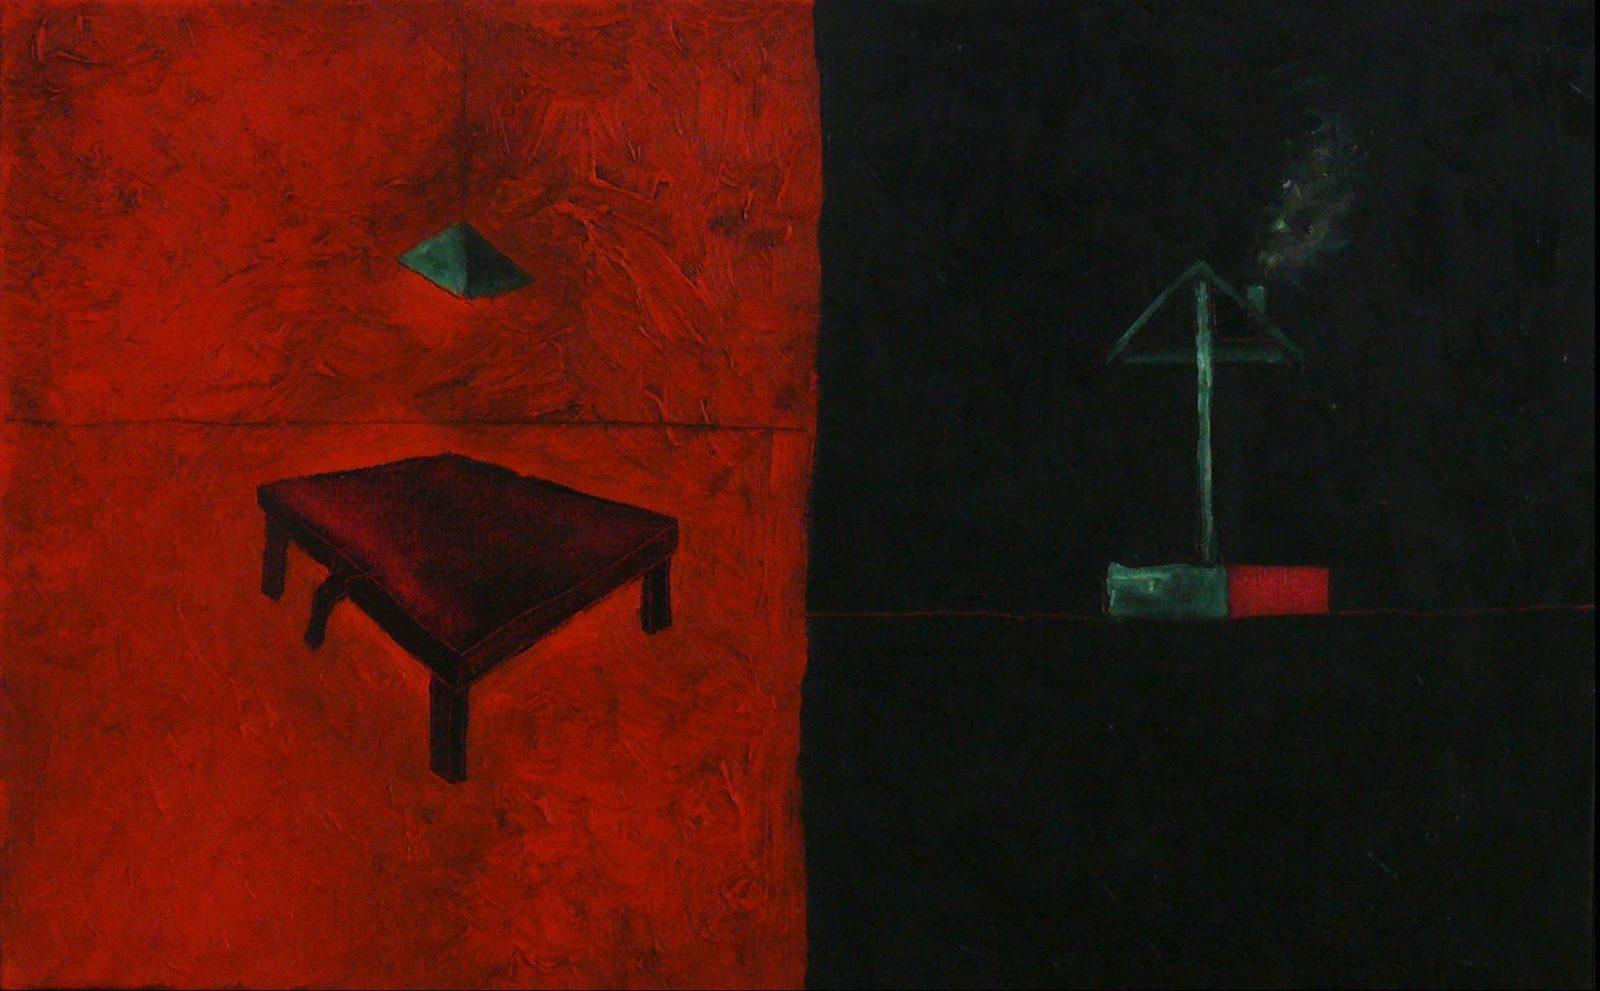 franyo aatoth: Interiors